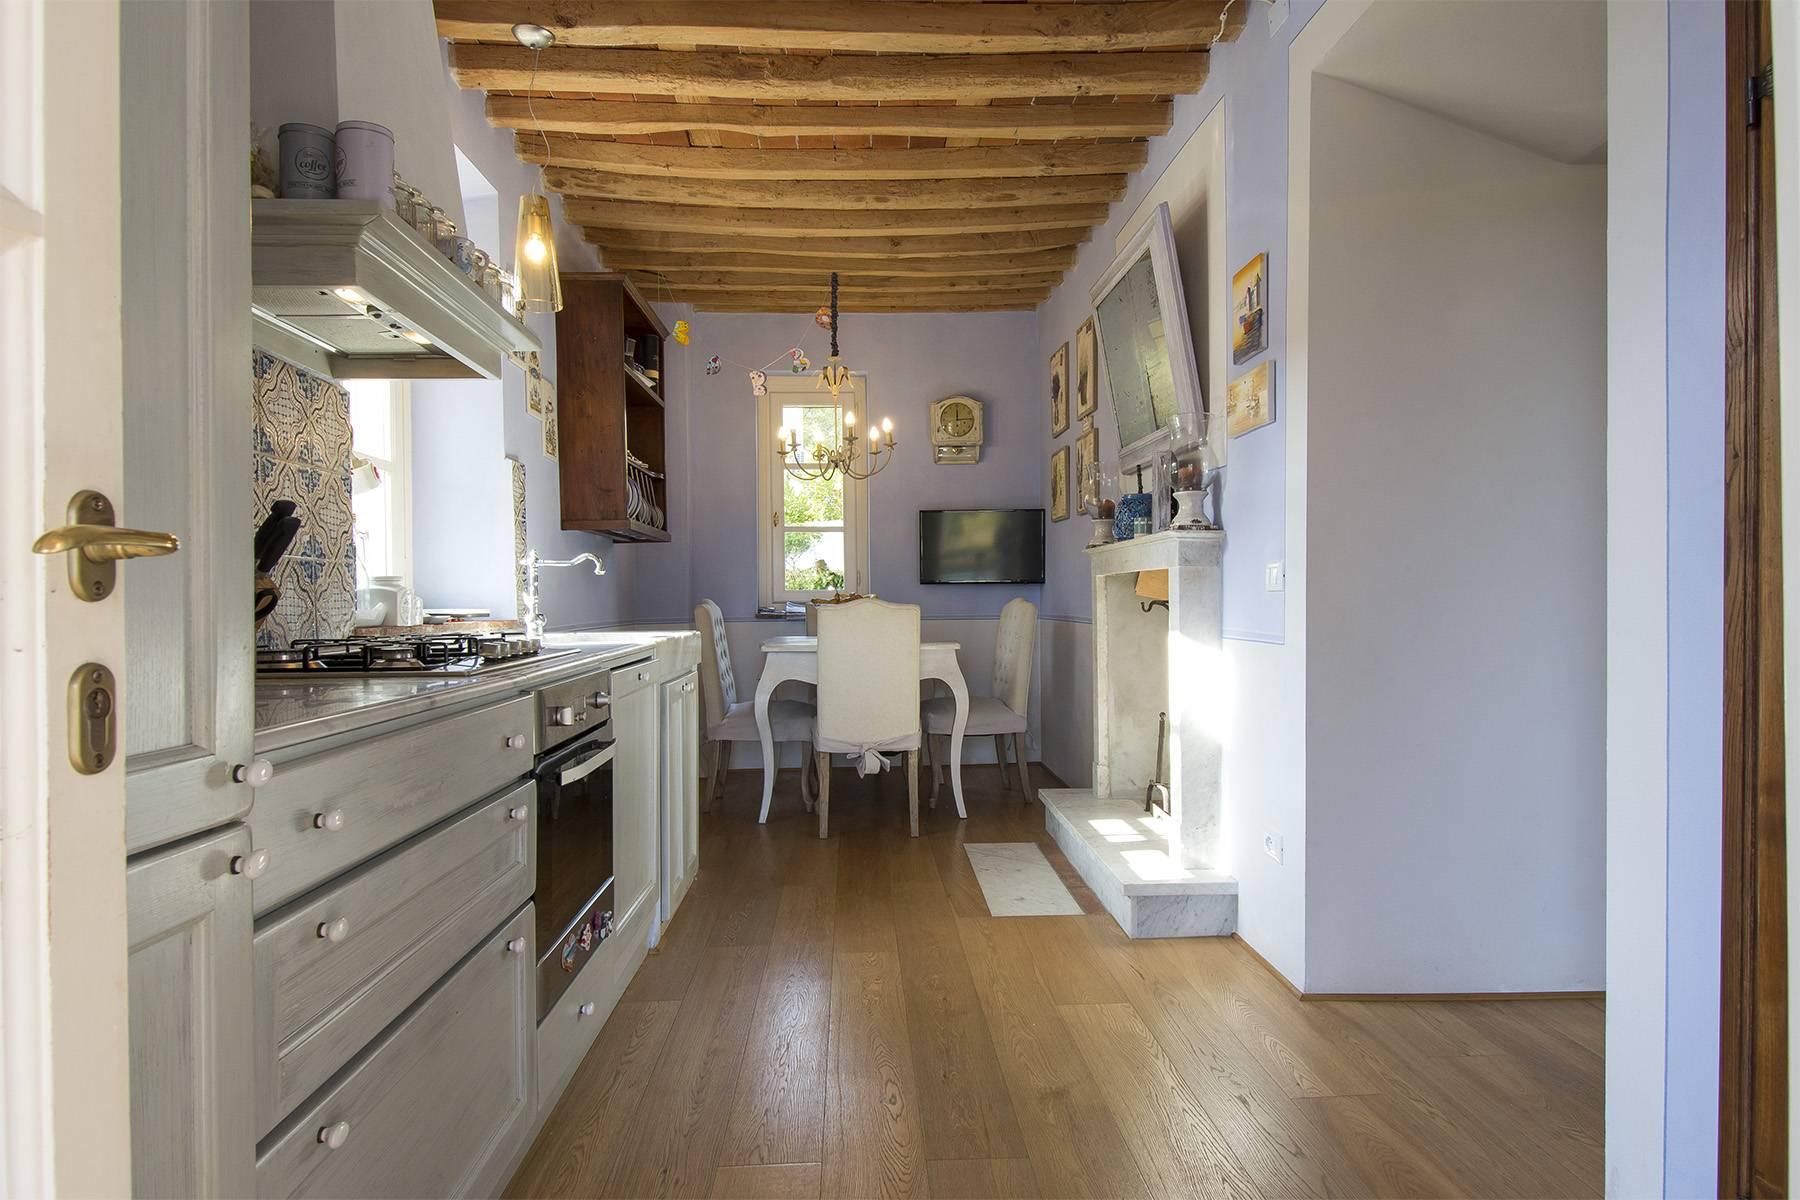 Casa indipendente in Vendita a Lucca: 5 locali, 130 mq - Foto 8